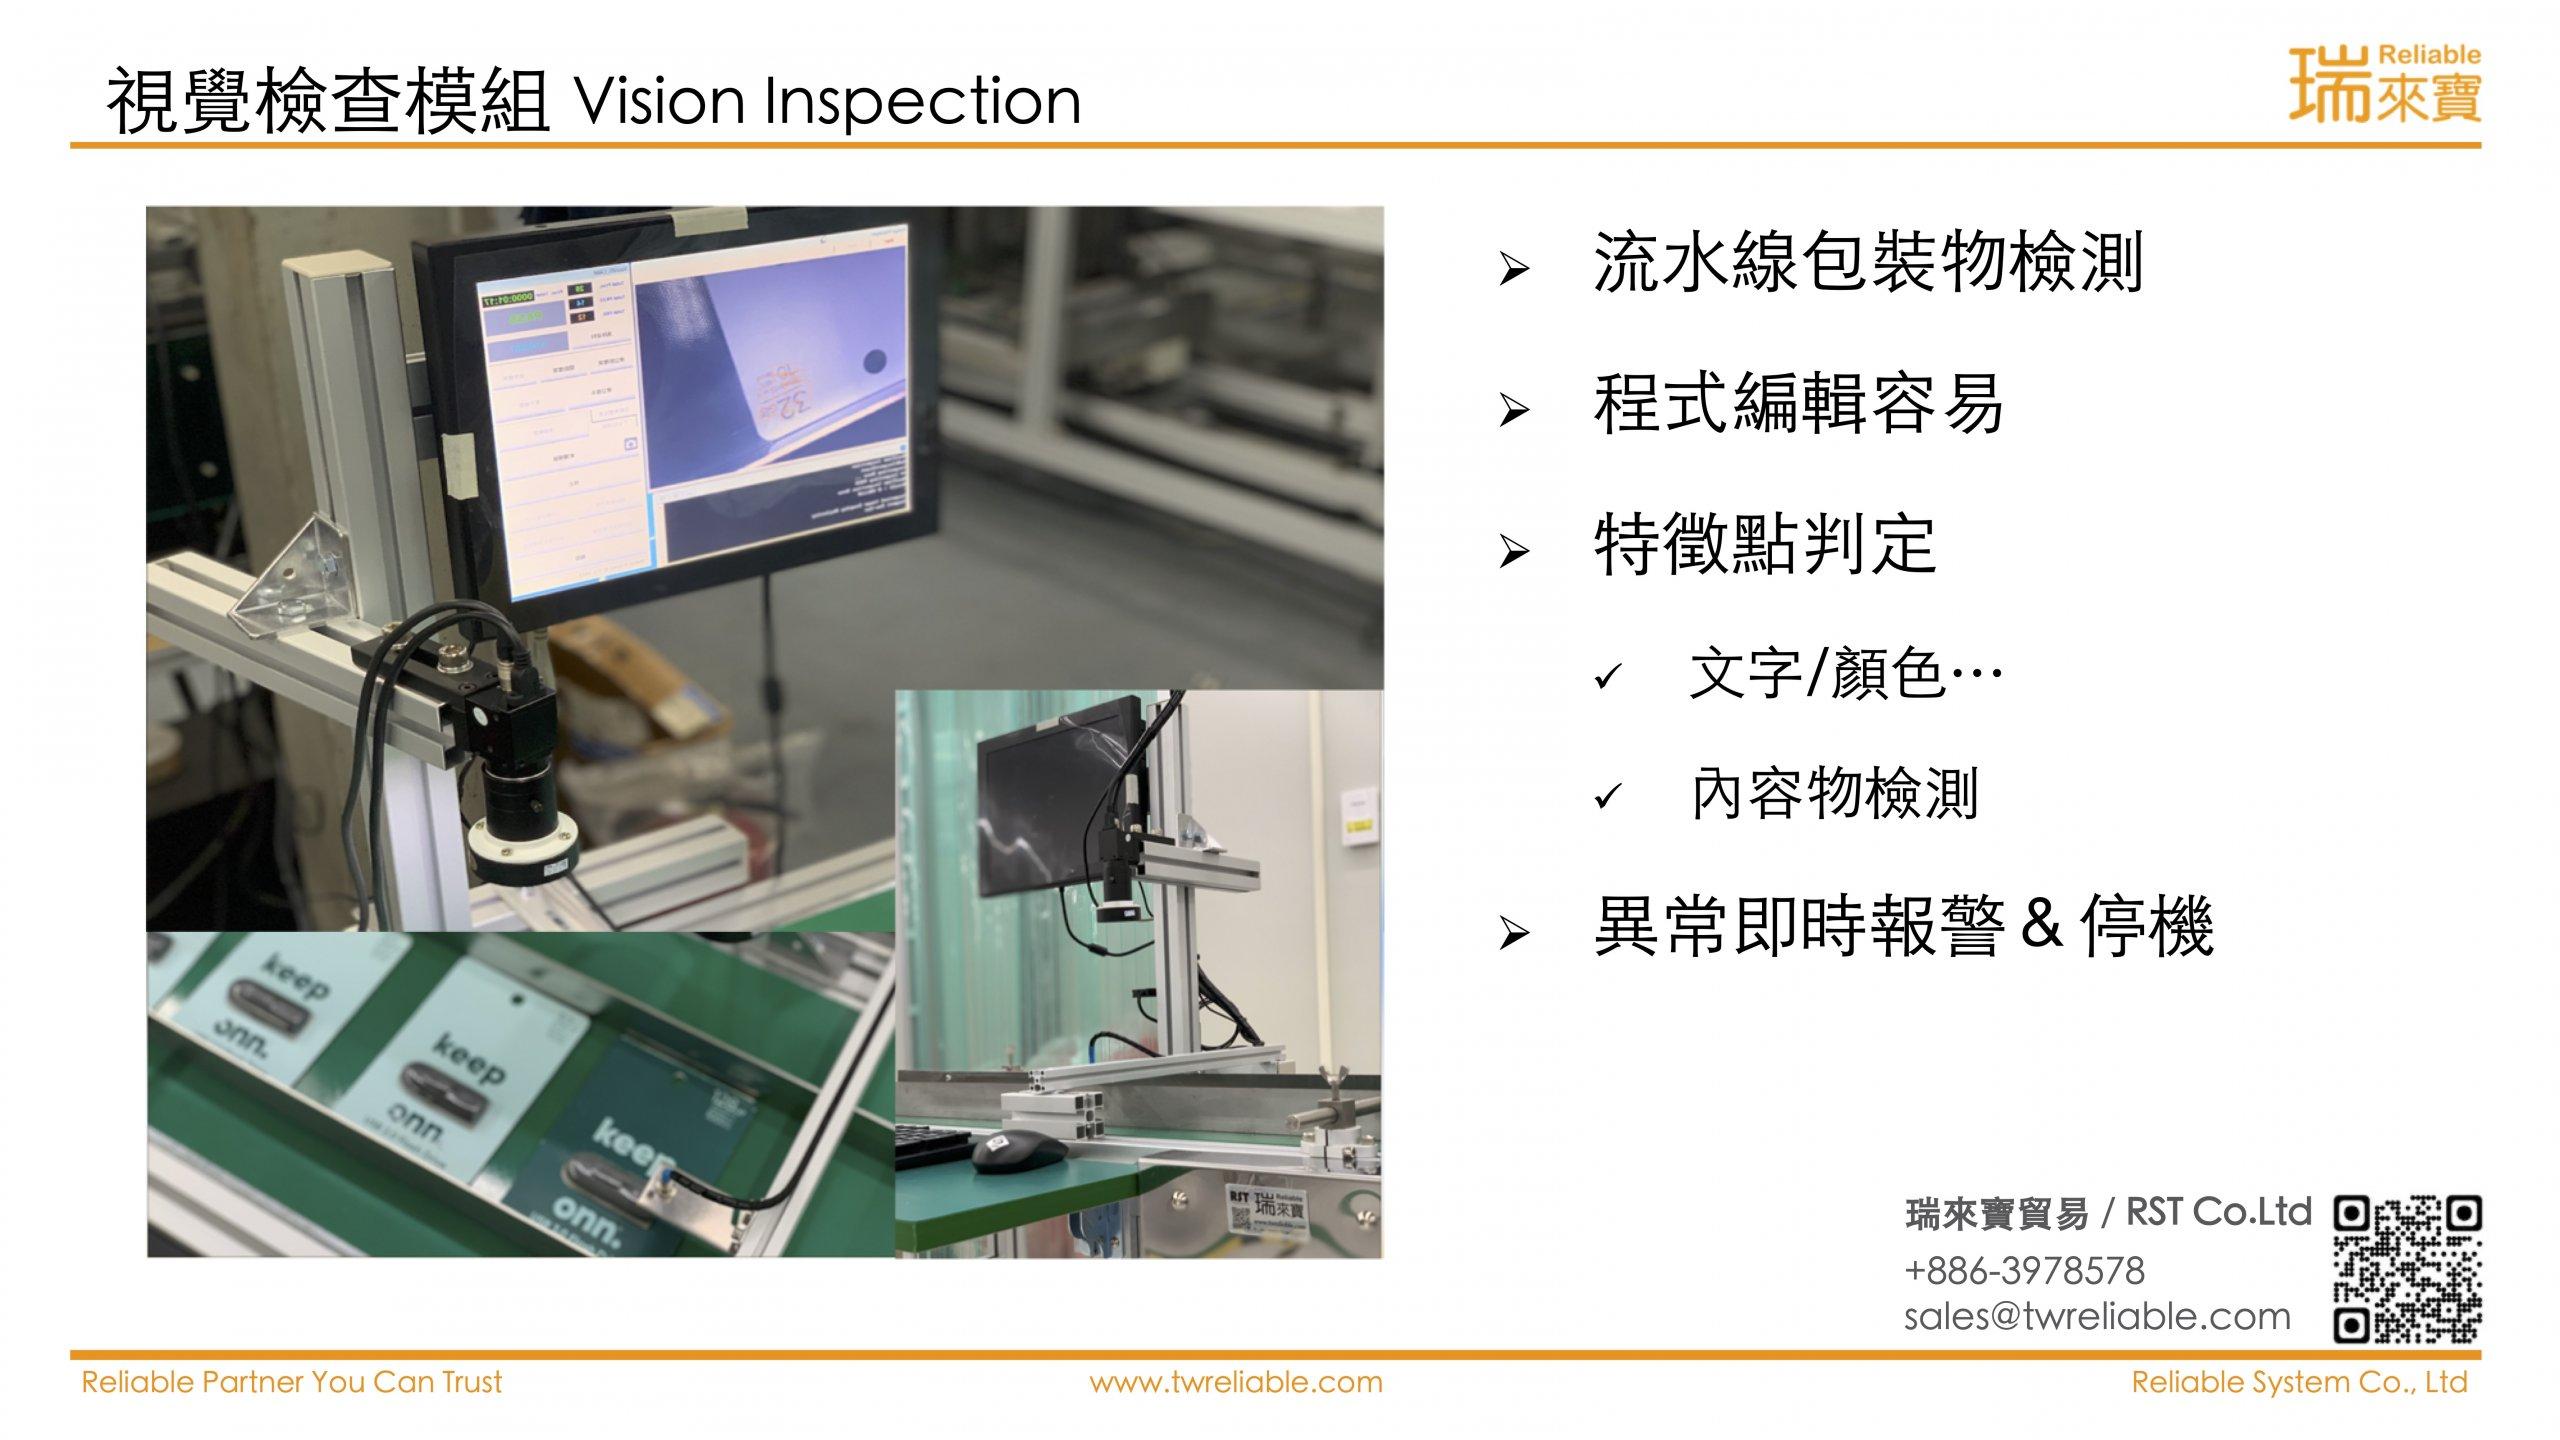 視覺檢查, vision, Vision inspect